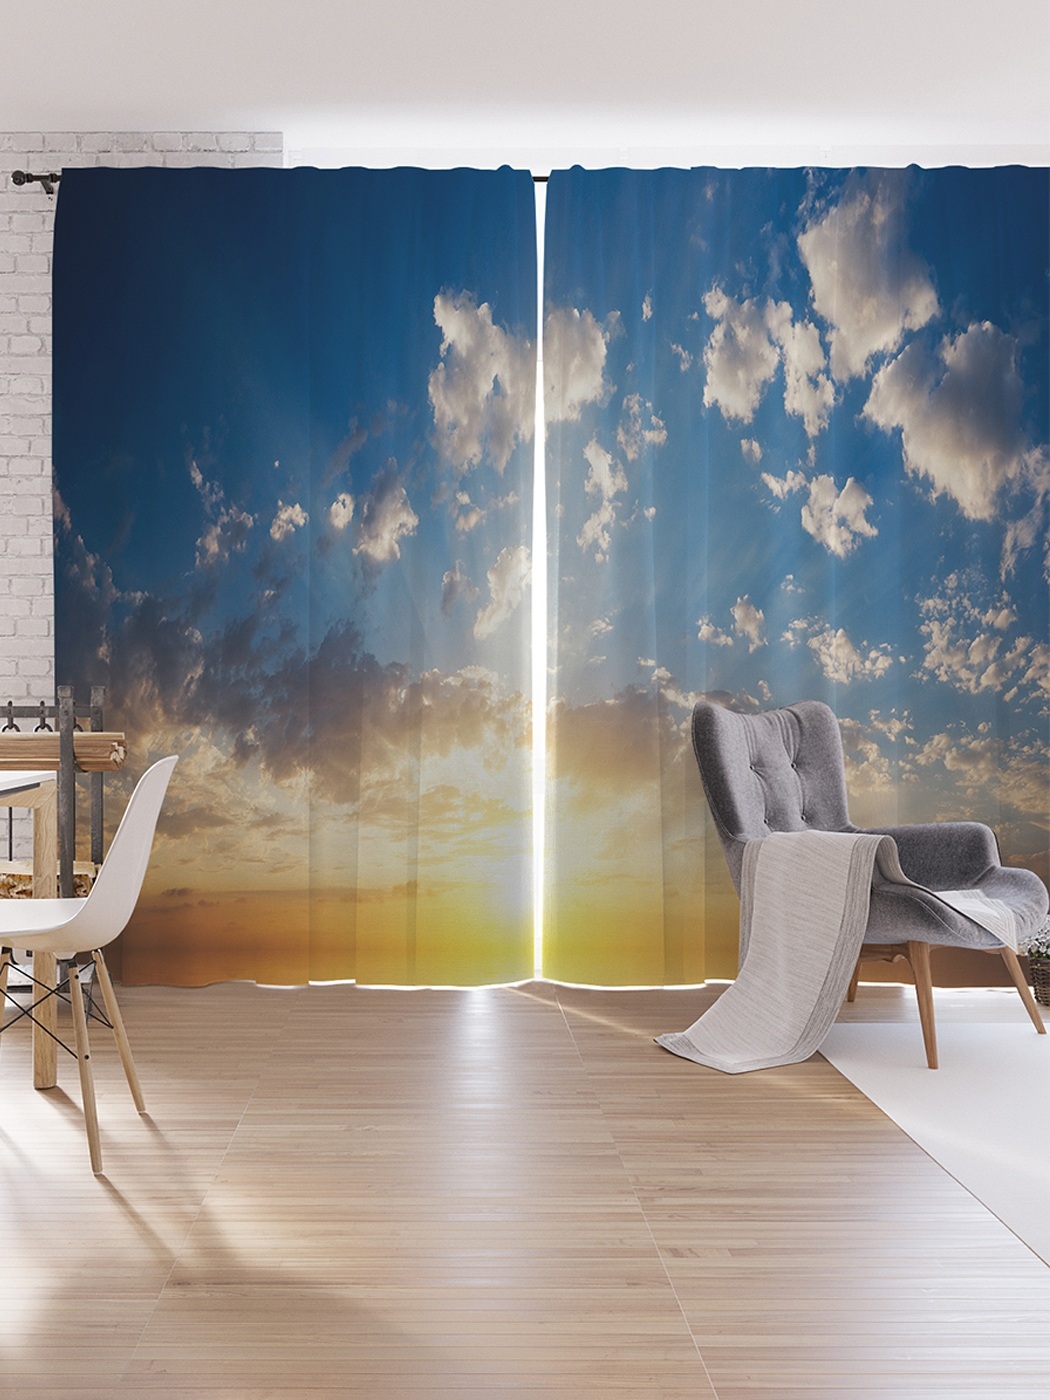 Шторы под лён JoyArty «Солнечный закат», серия Oxford DeLux, 340х265 см фото